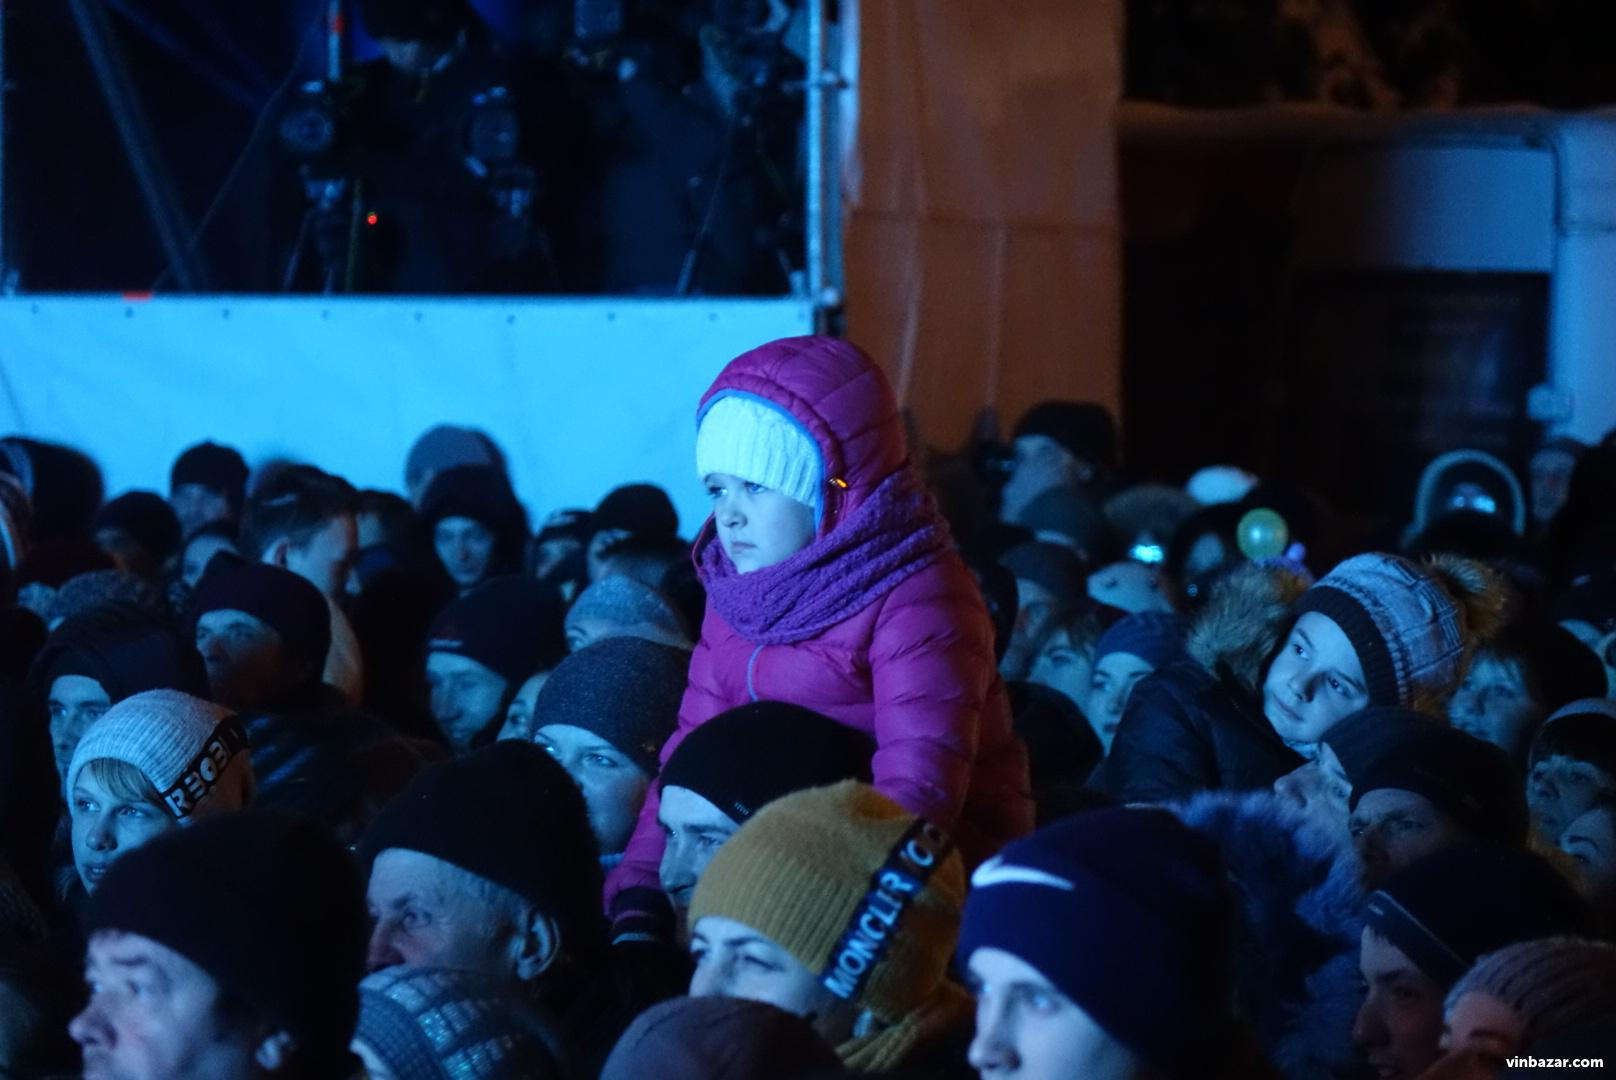 У Вінниці відкрили новорічну ялинку. Вітав Гройсман, а розважав С.К.А.Й (Фото+Відео)